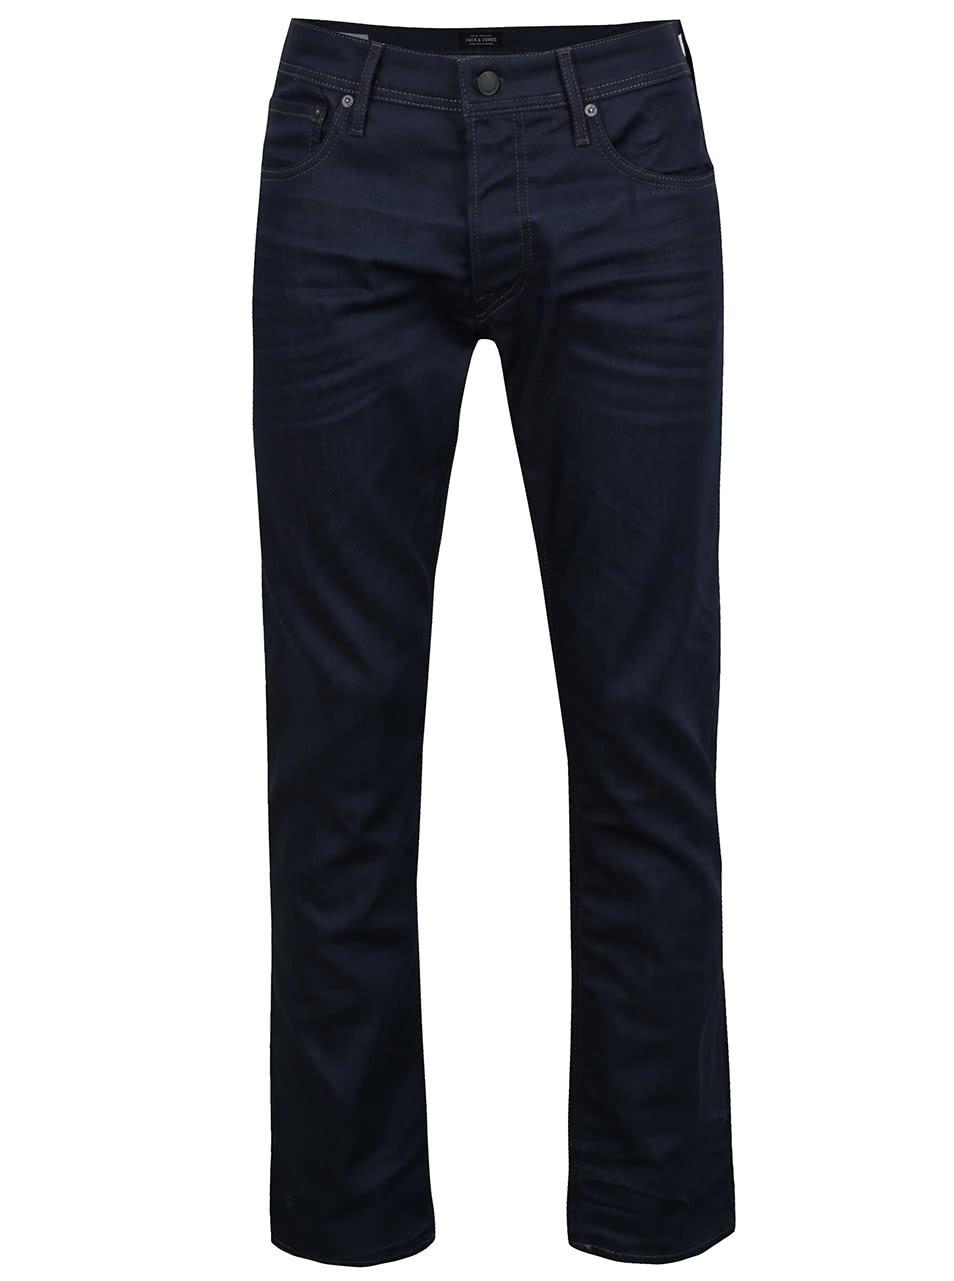 Tmavě modré džíny Jack & Jones Clark Original